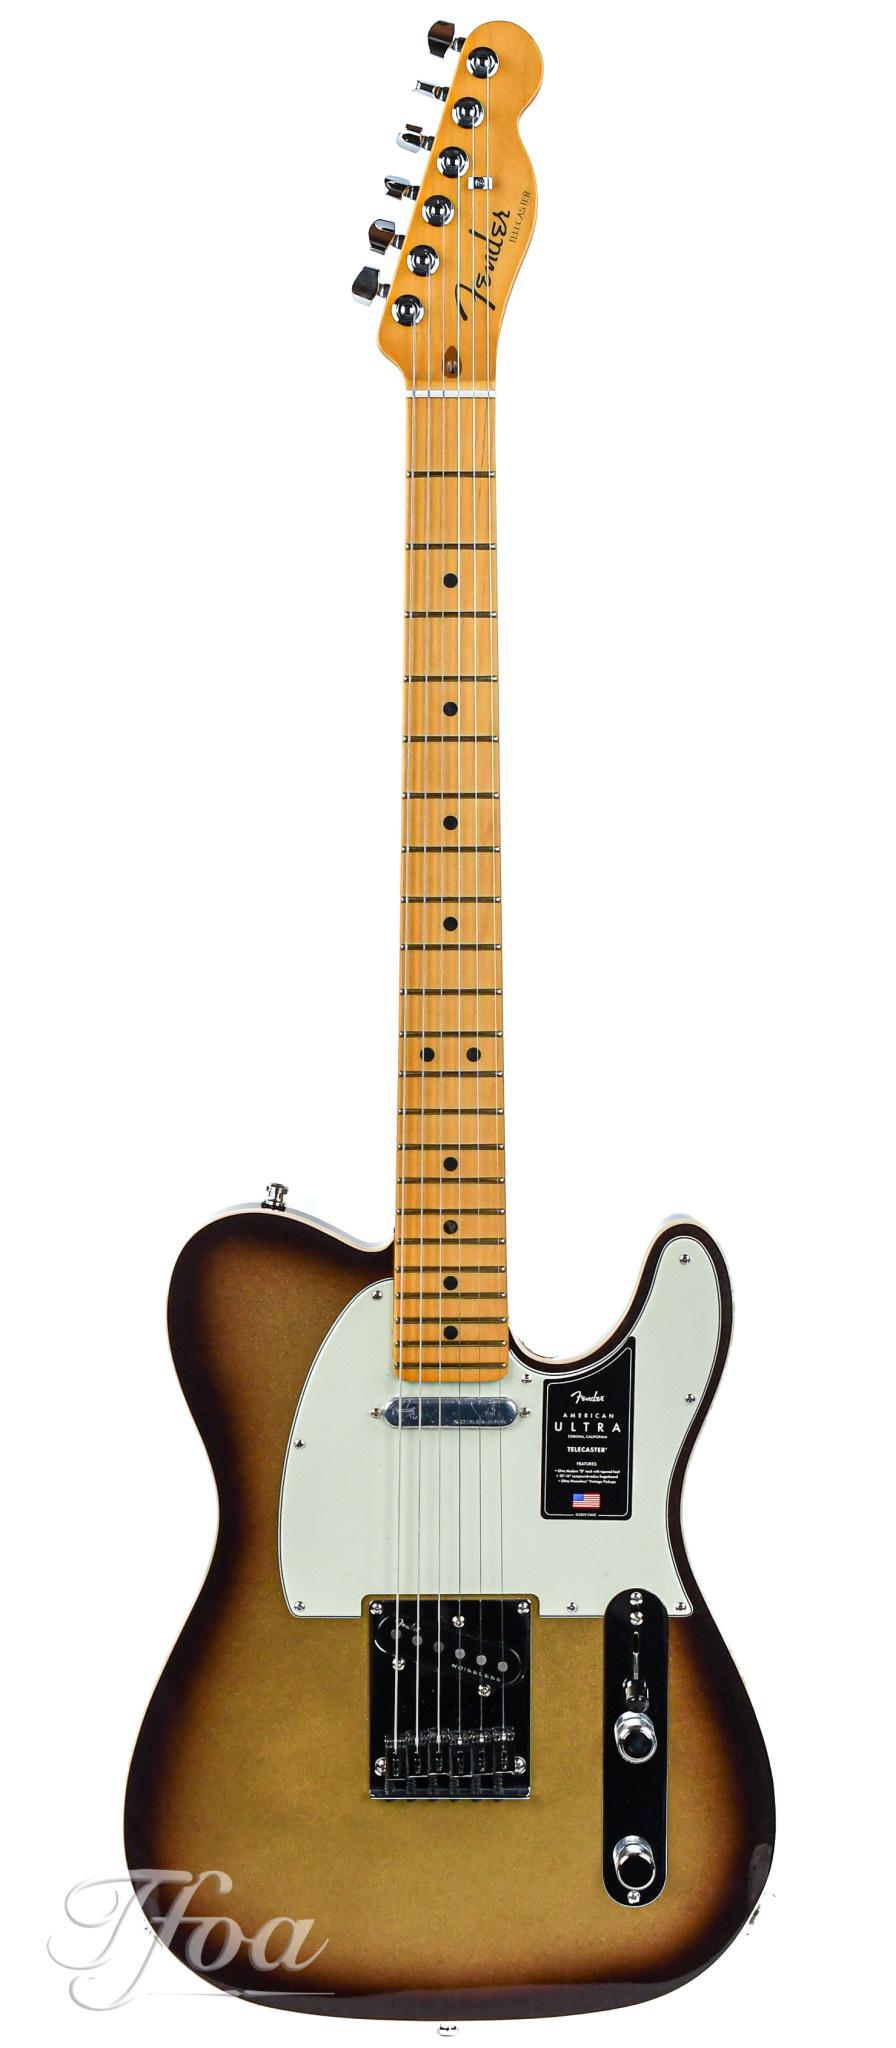 Fender American Ultra Telecaster Mocha Burst Maple